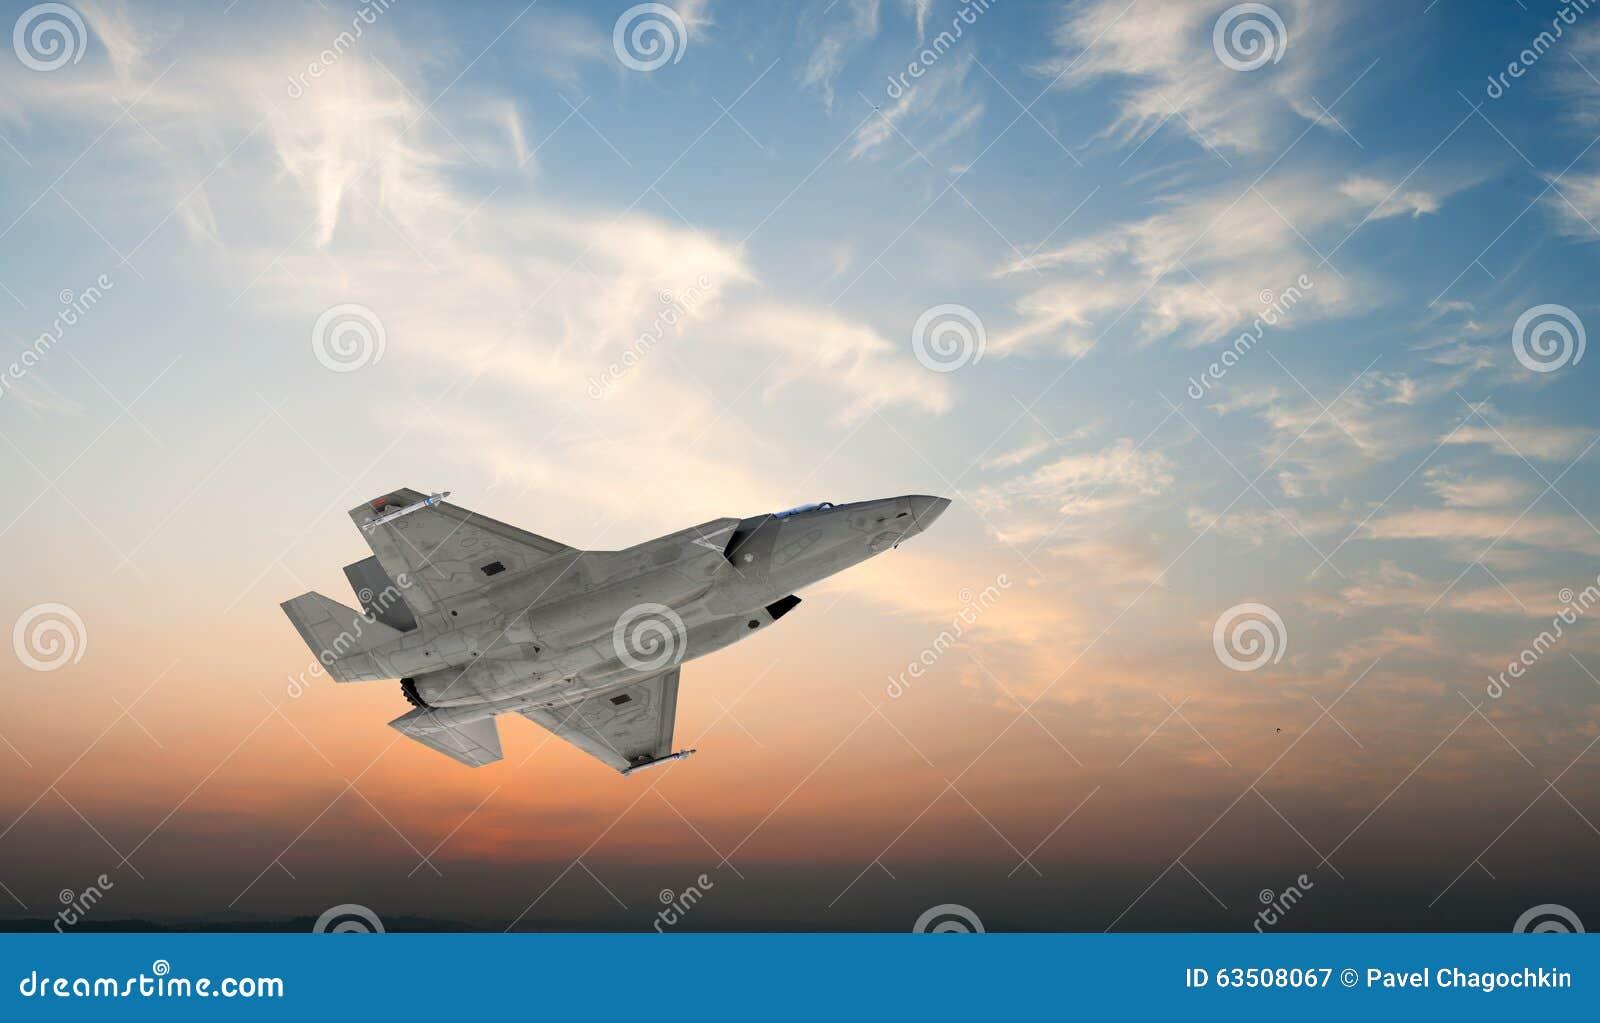 F 35, aereo di combattimento militare americano Jet Plane Mosca in nuvole